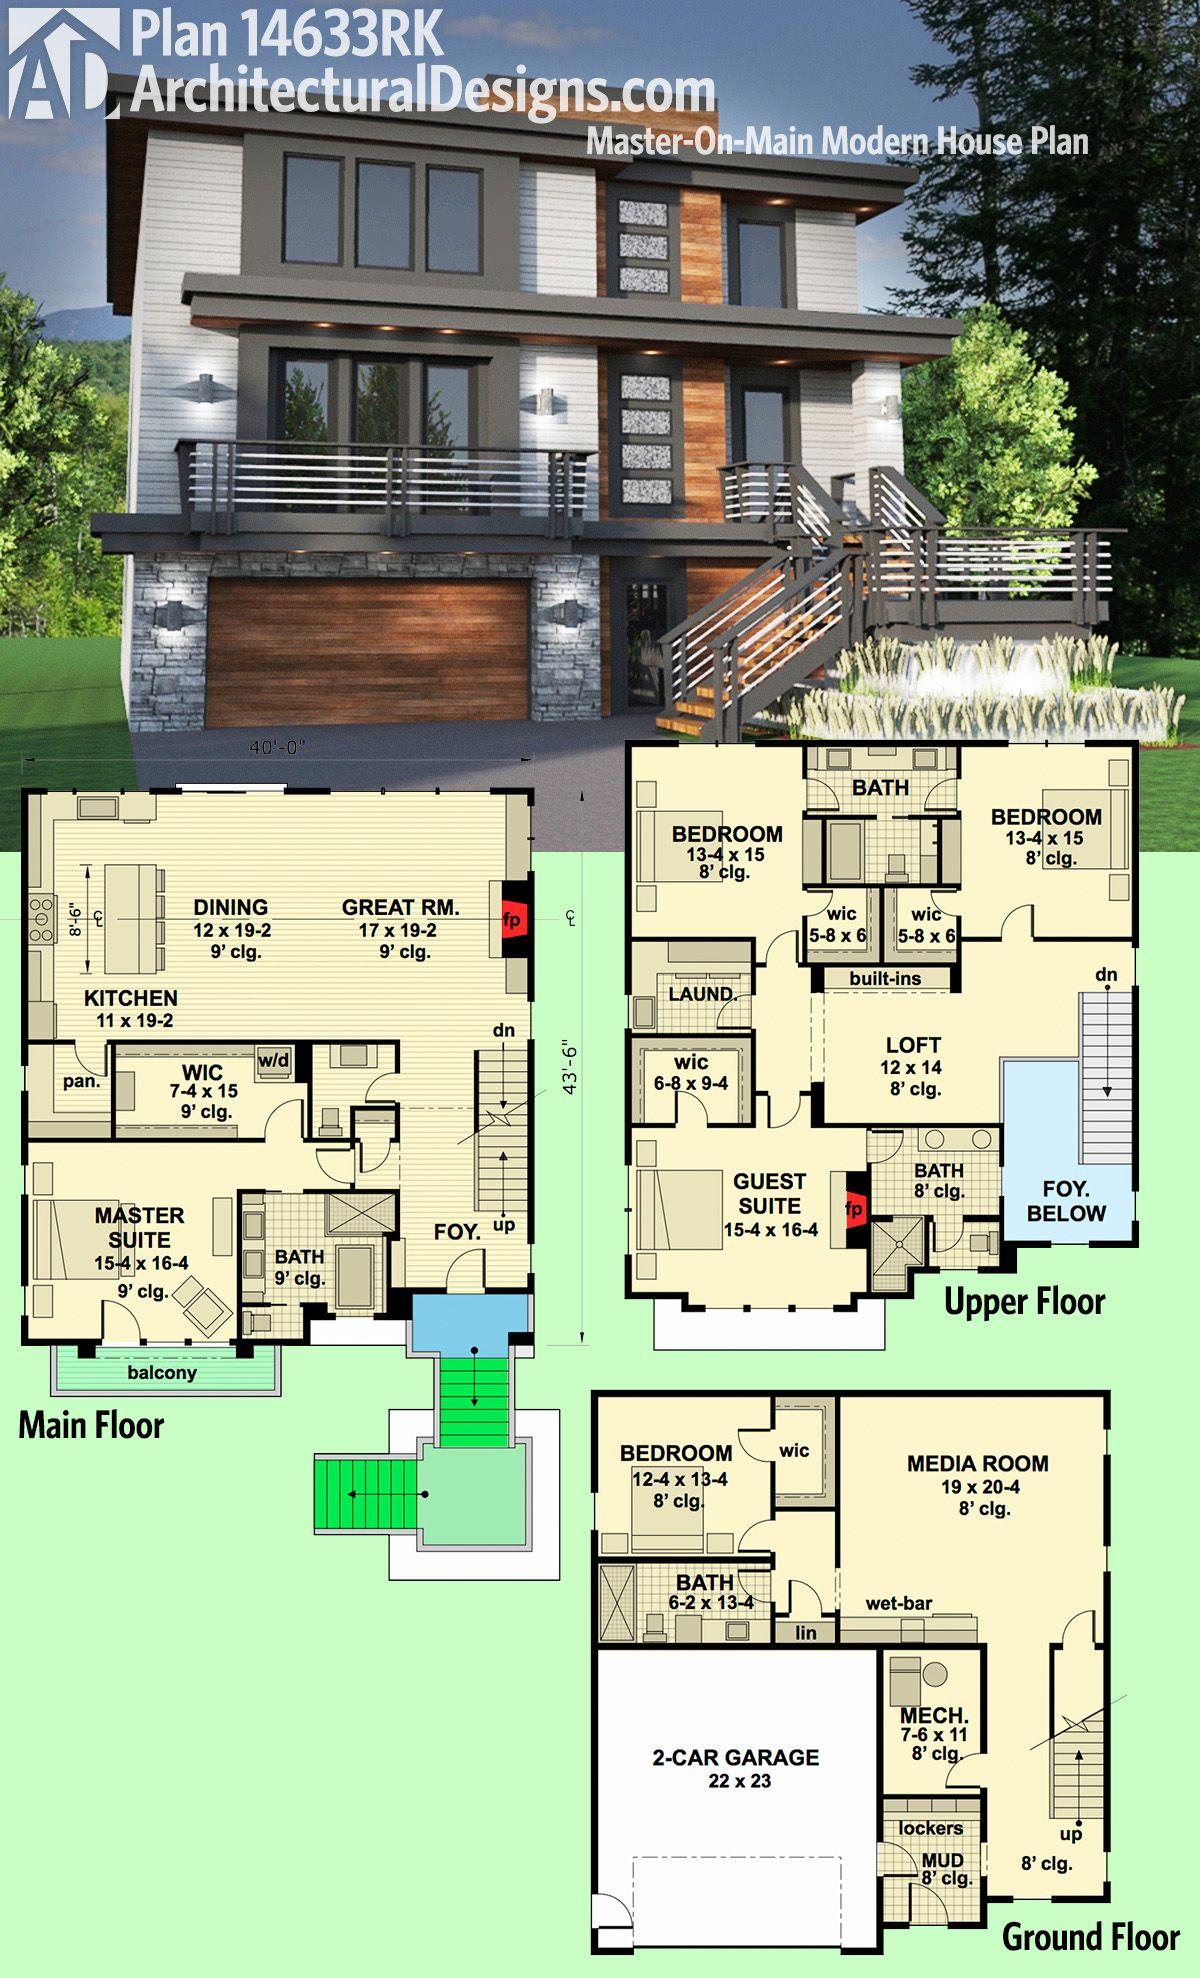 Plan 14633rk Master On Main Modern House Plan Modern